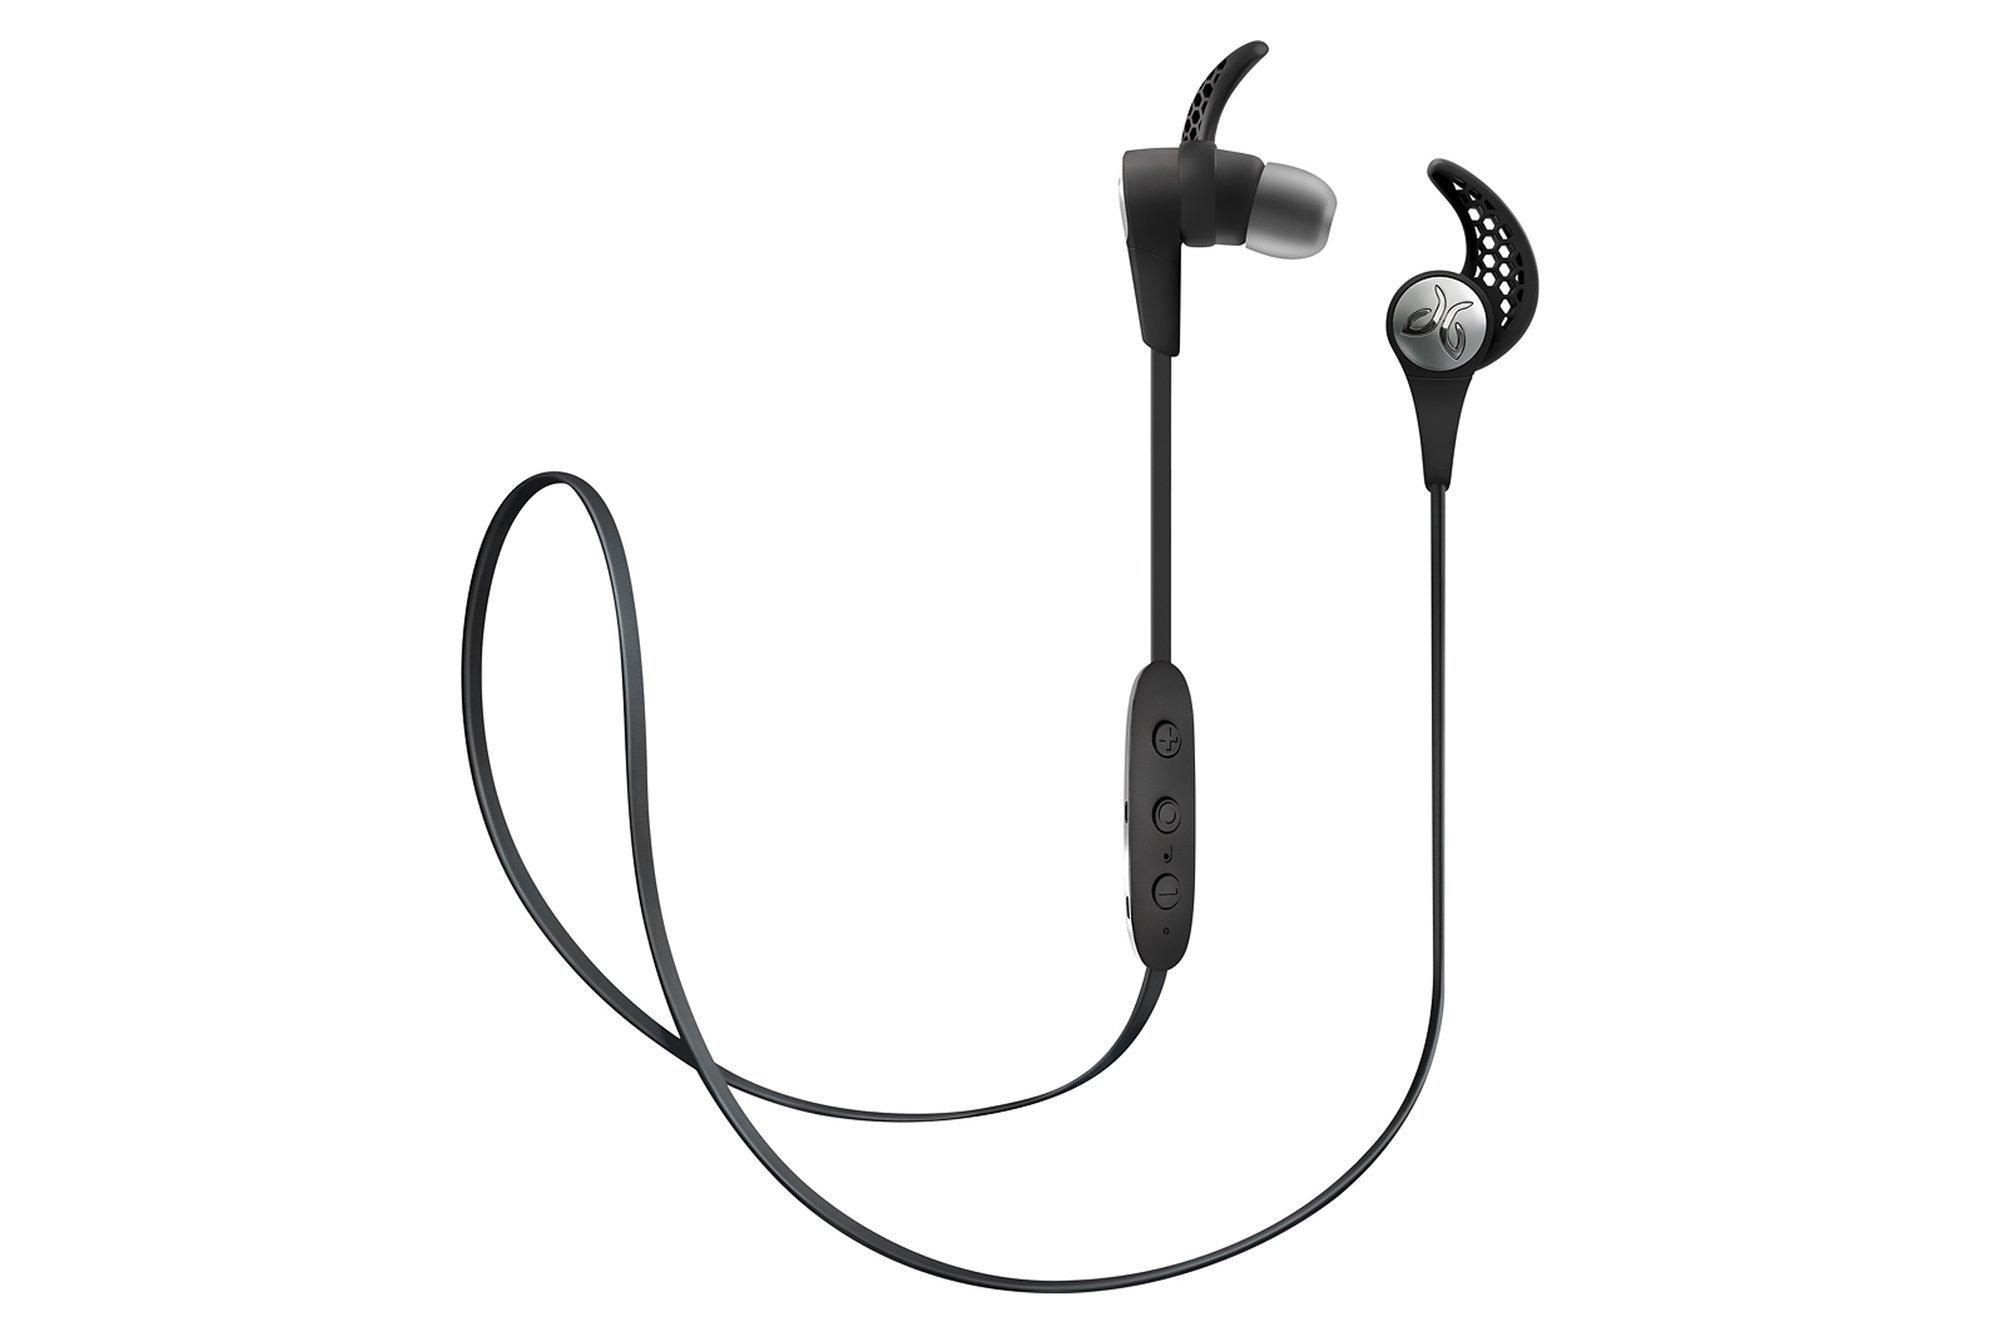 Jaybird X3 Sport Wireless In-Ear Headphones Blackout